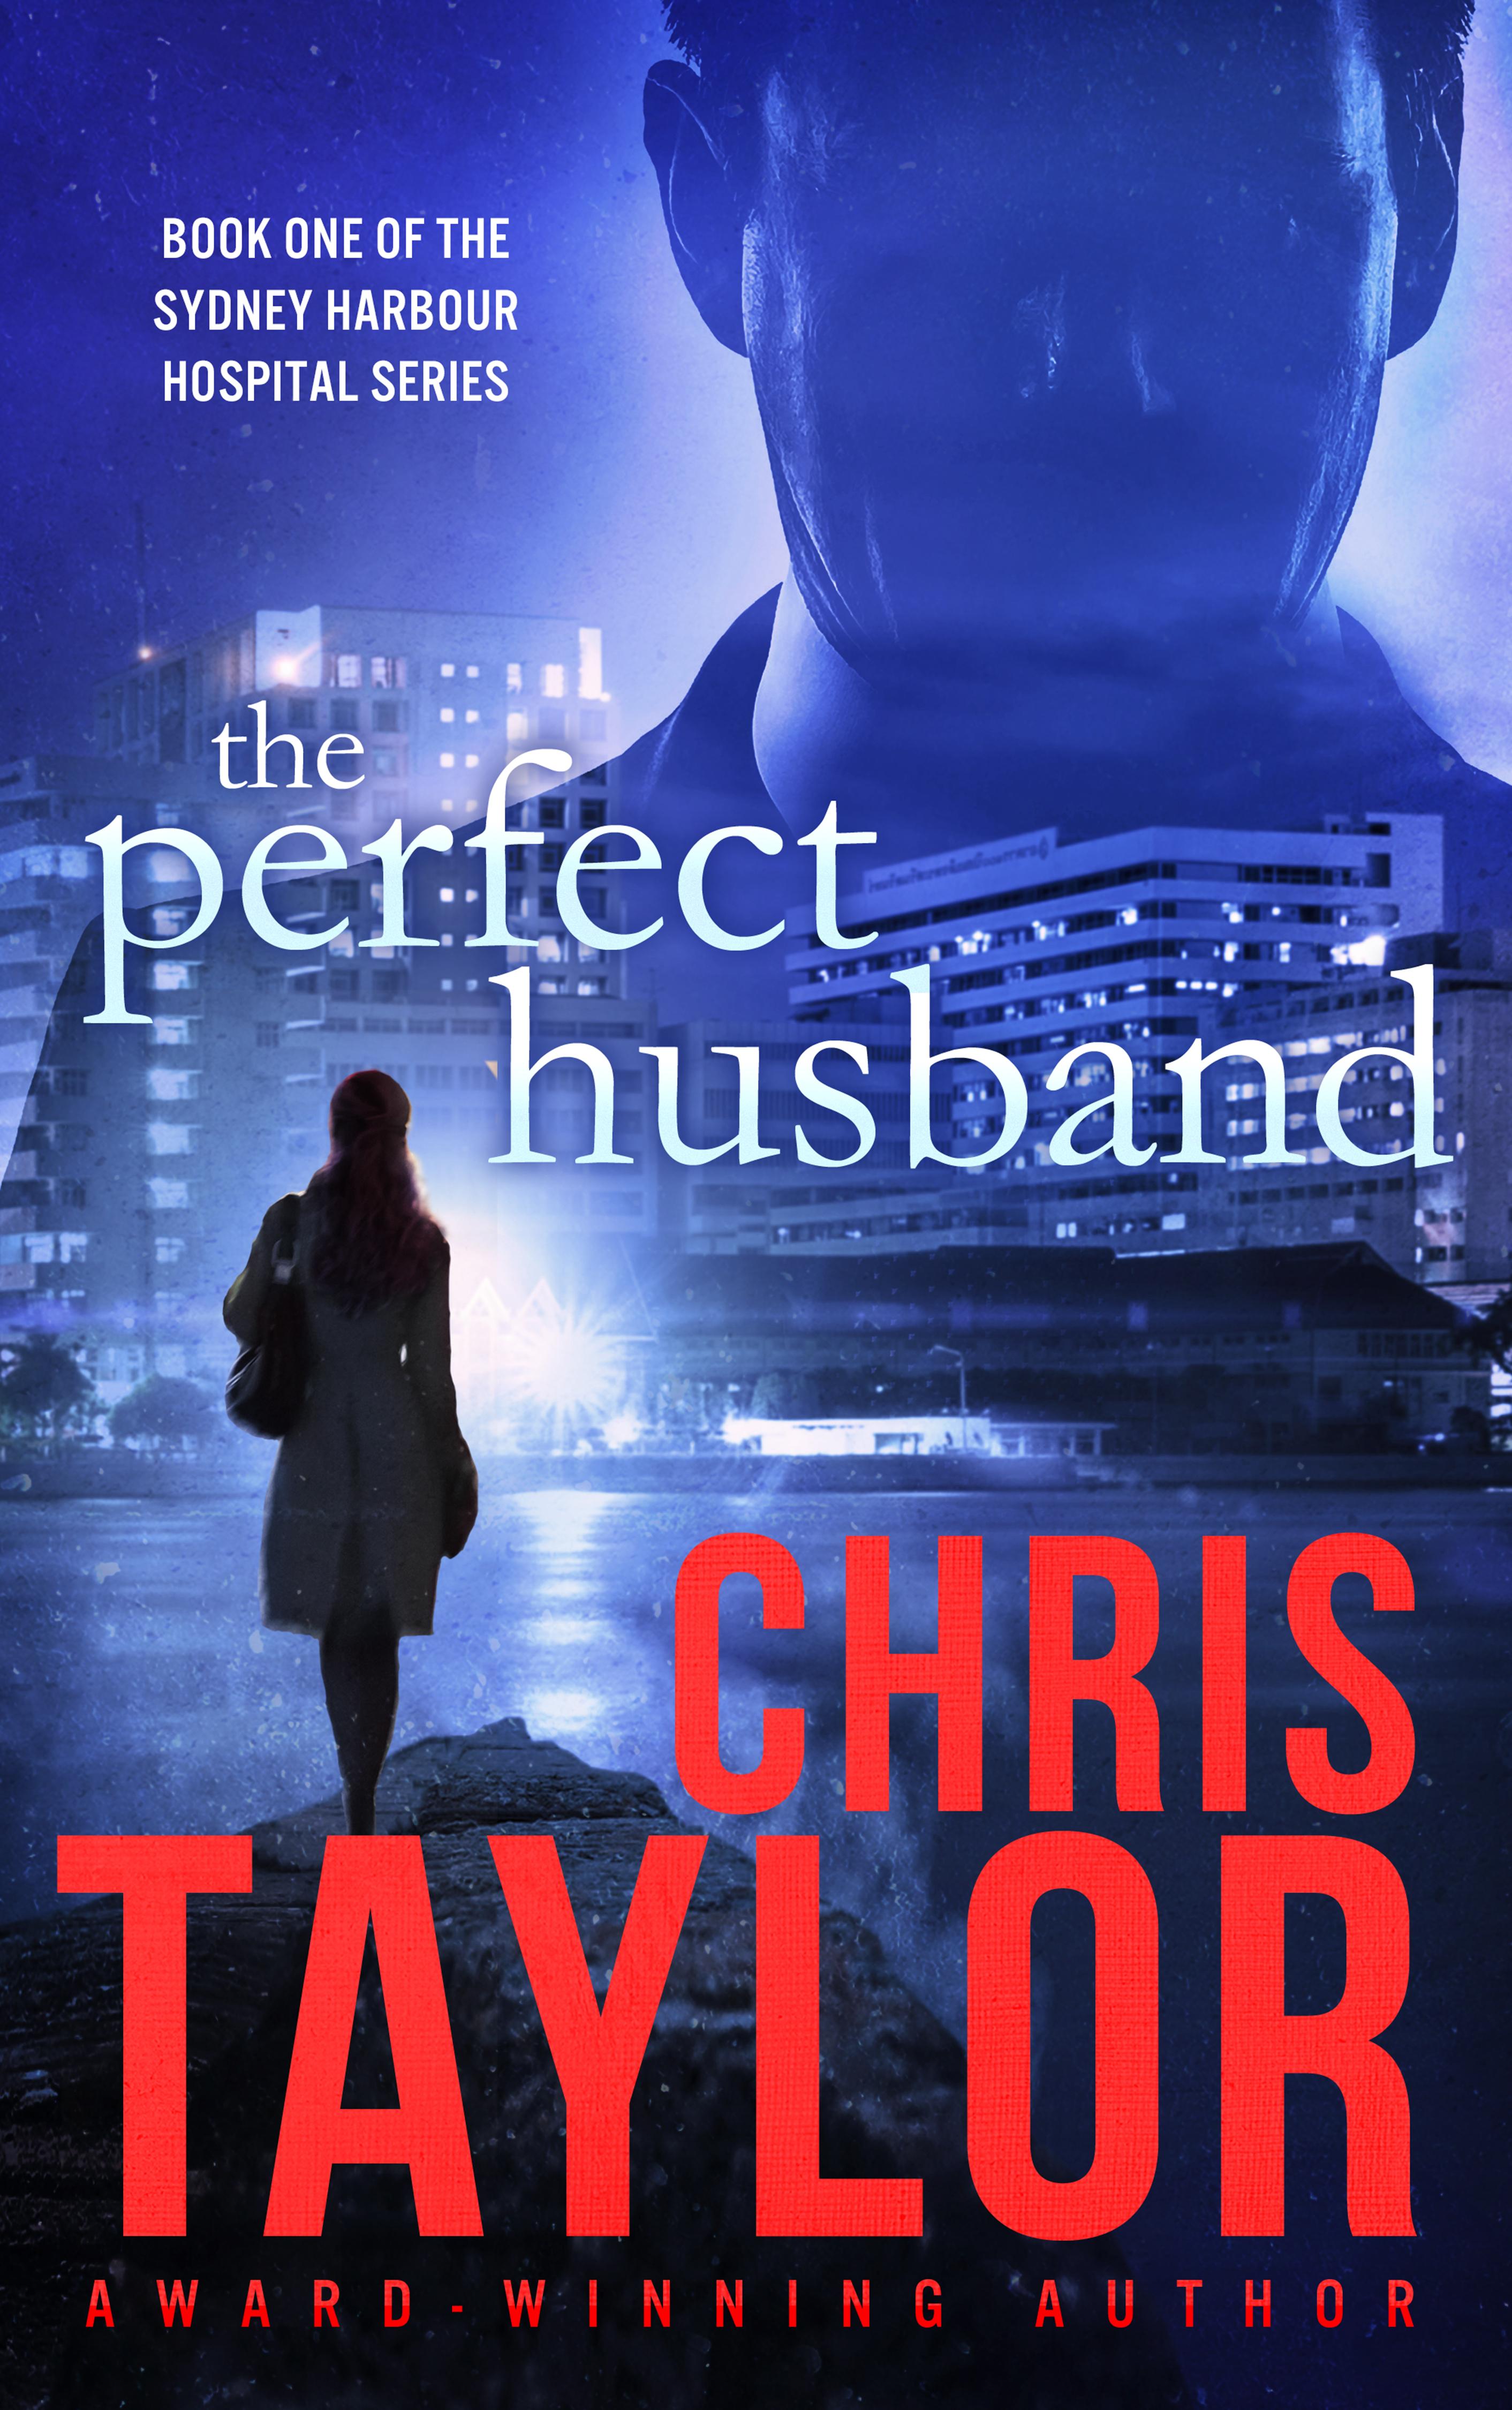 The Perfect Husband - EBook 2824 x 4500 UPDATE